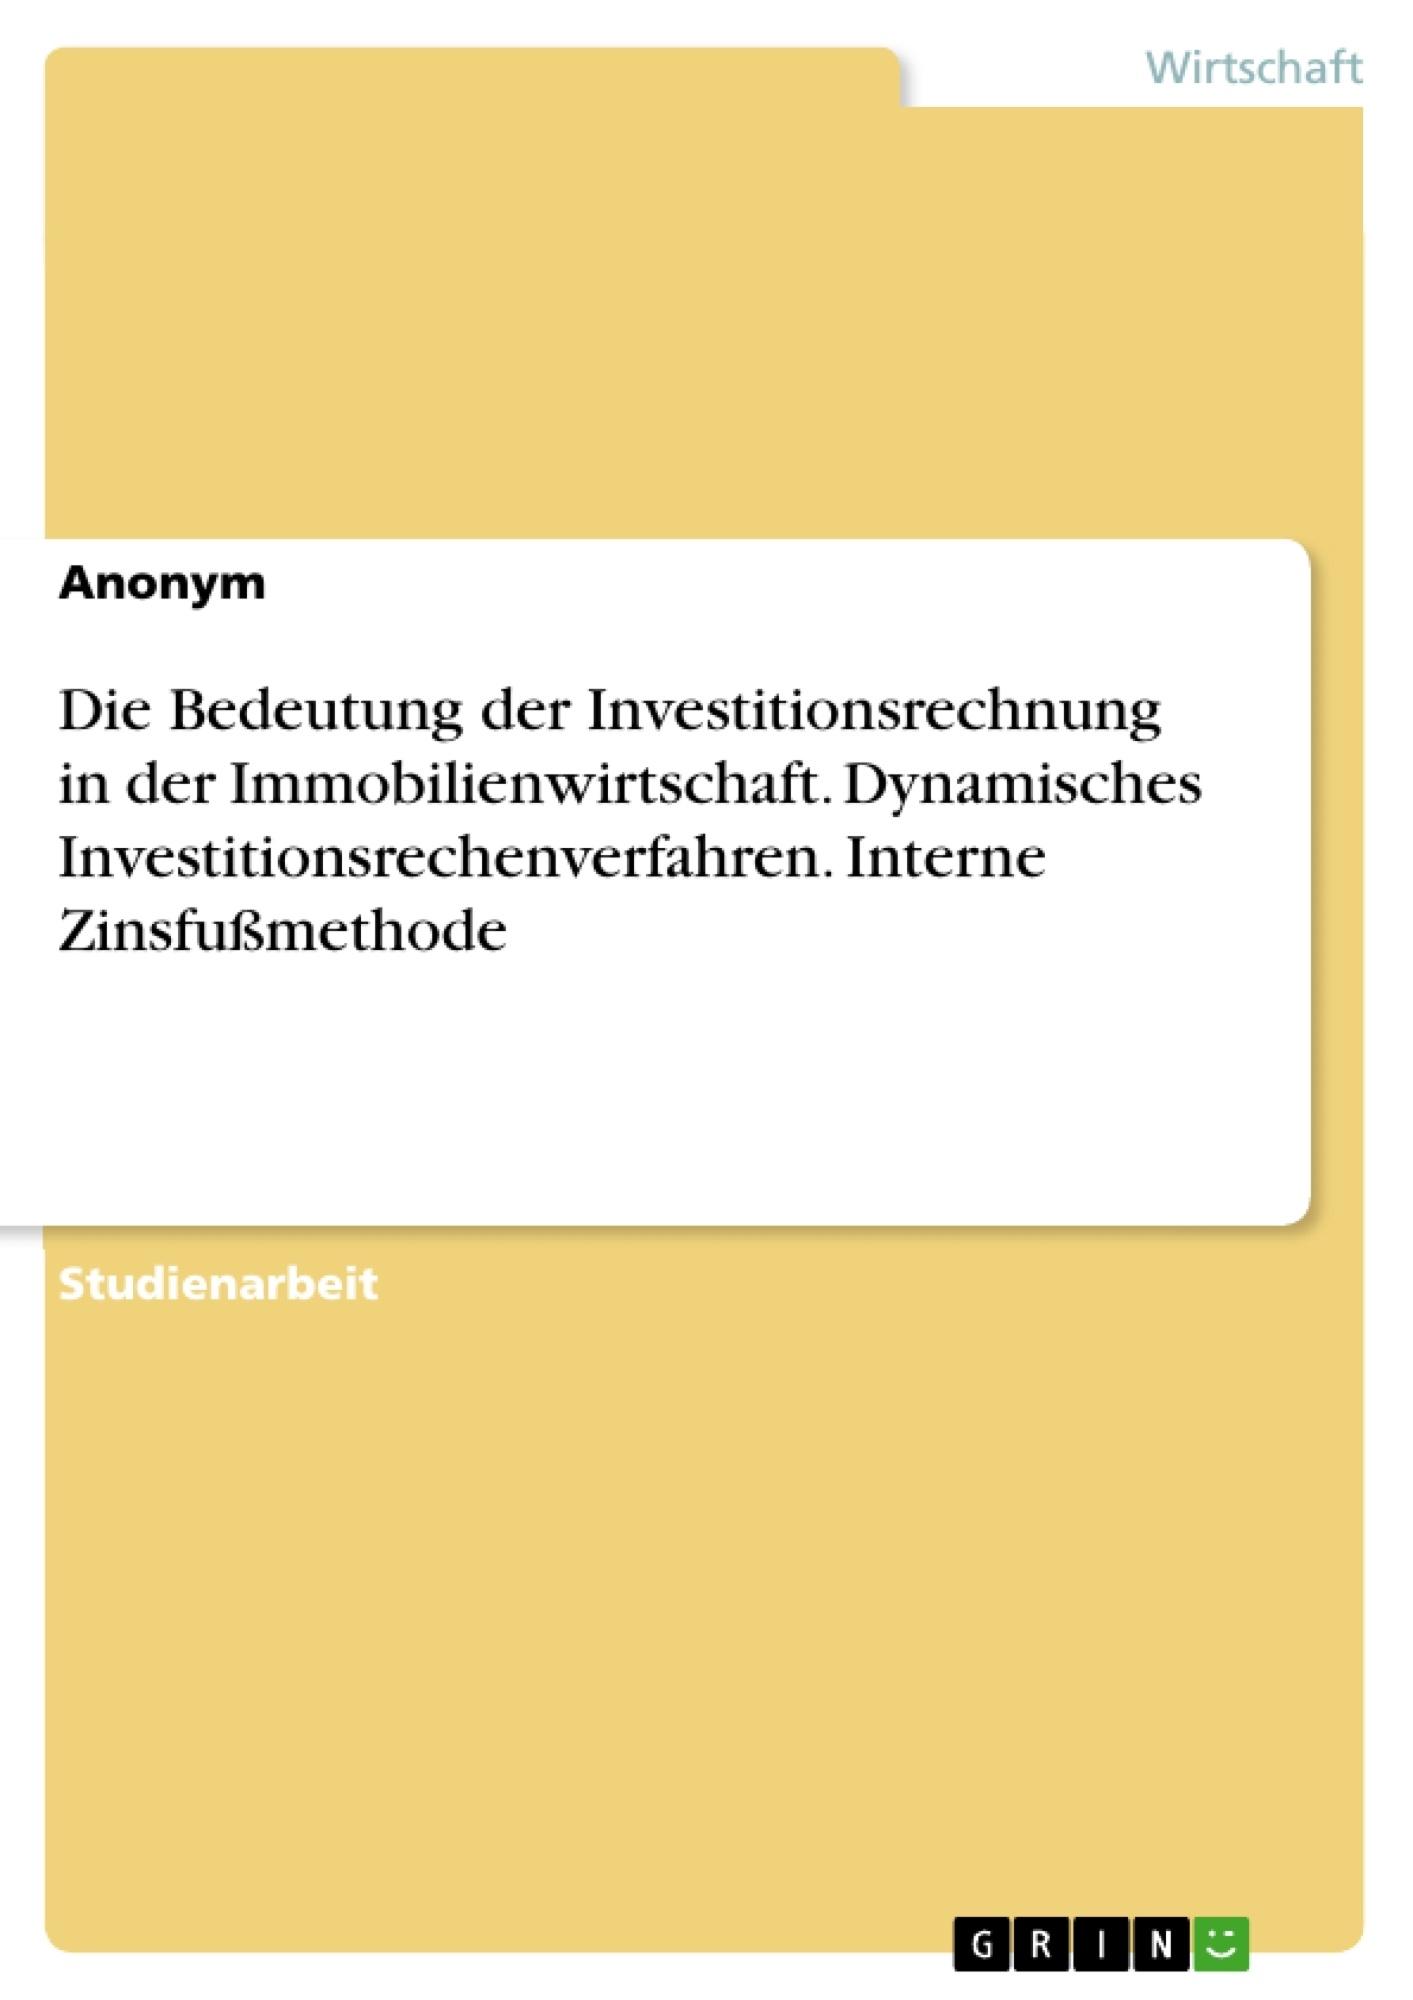 Titel: Die Bedeutung der Investitionsrechnung in der Immobilienwirtschaft. Dynamisches Investitionsrechenverfahren. Interne Zinsfußmethode